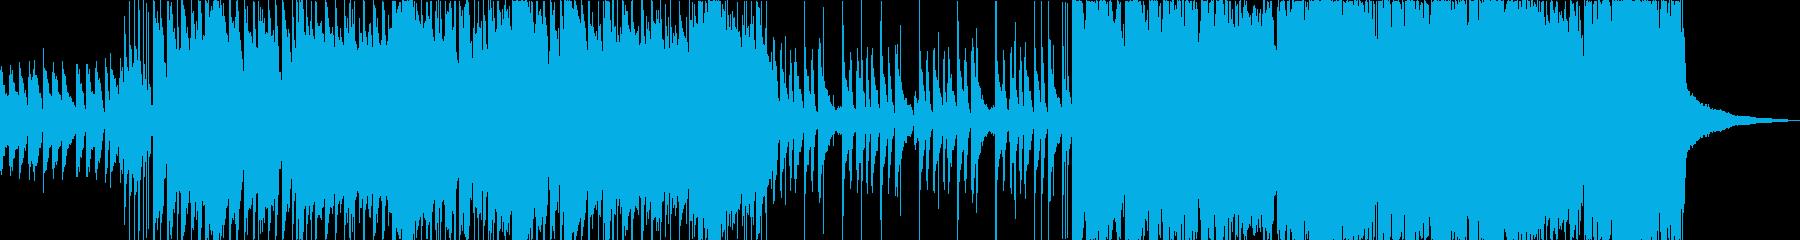 爽やかバイオリンとアコーディオンポップスの再生済みの波形